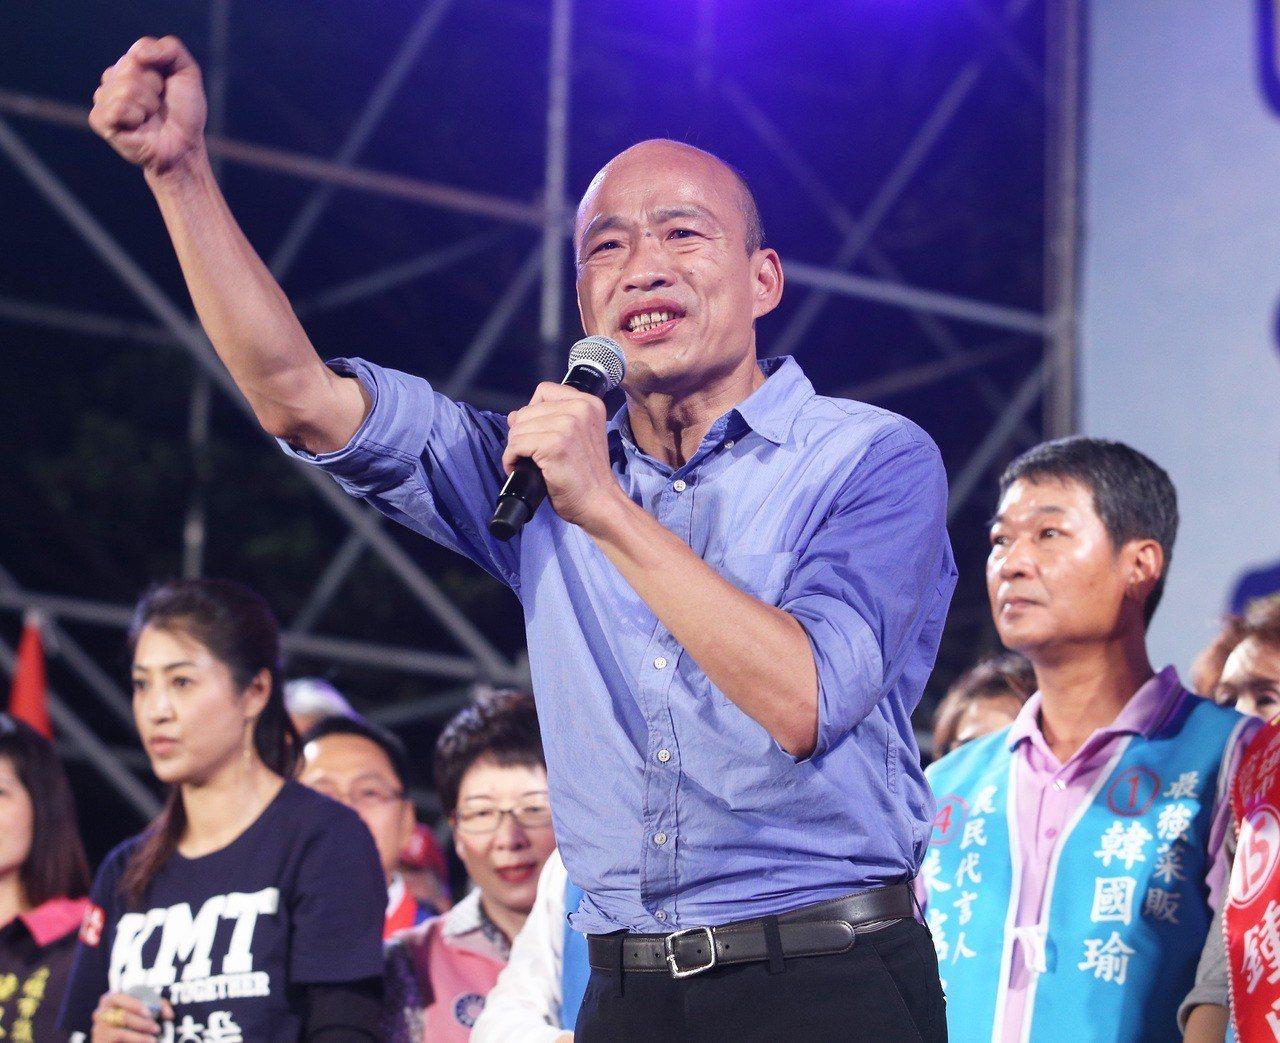 國民黨高雄市長候選人韓國瑜8日在造勢會場唱軍歌「夜襲」, 他強調是造勢定為「旗山...